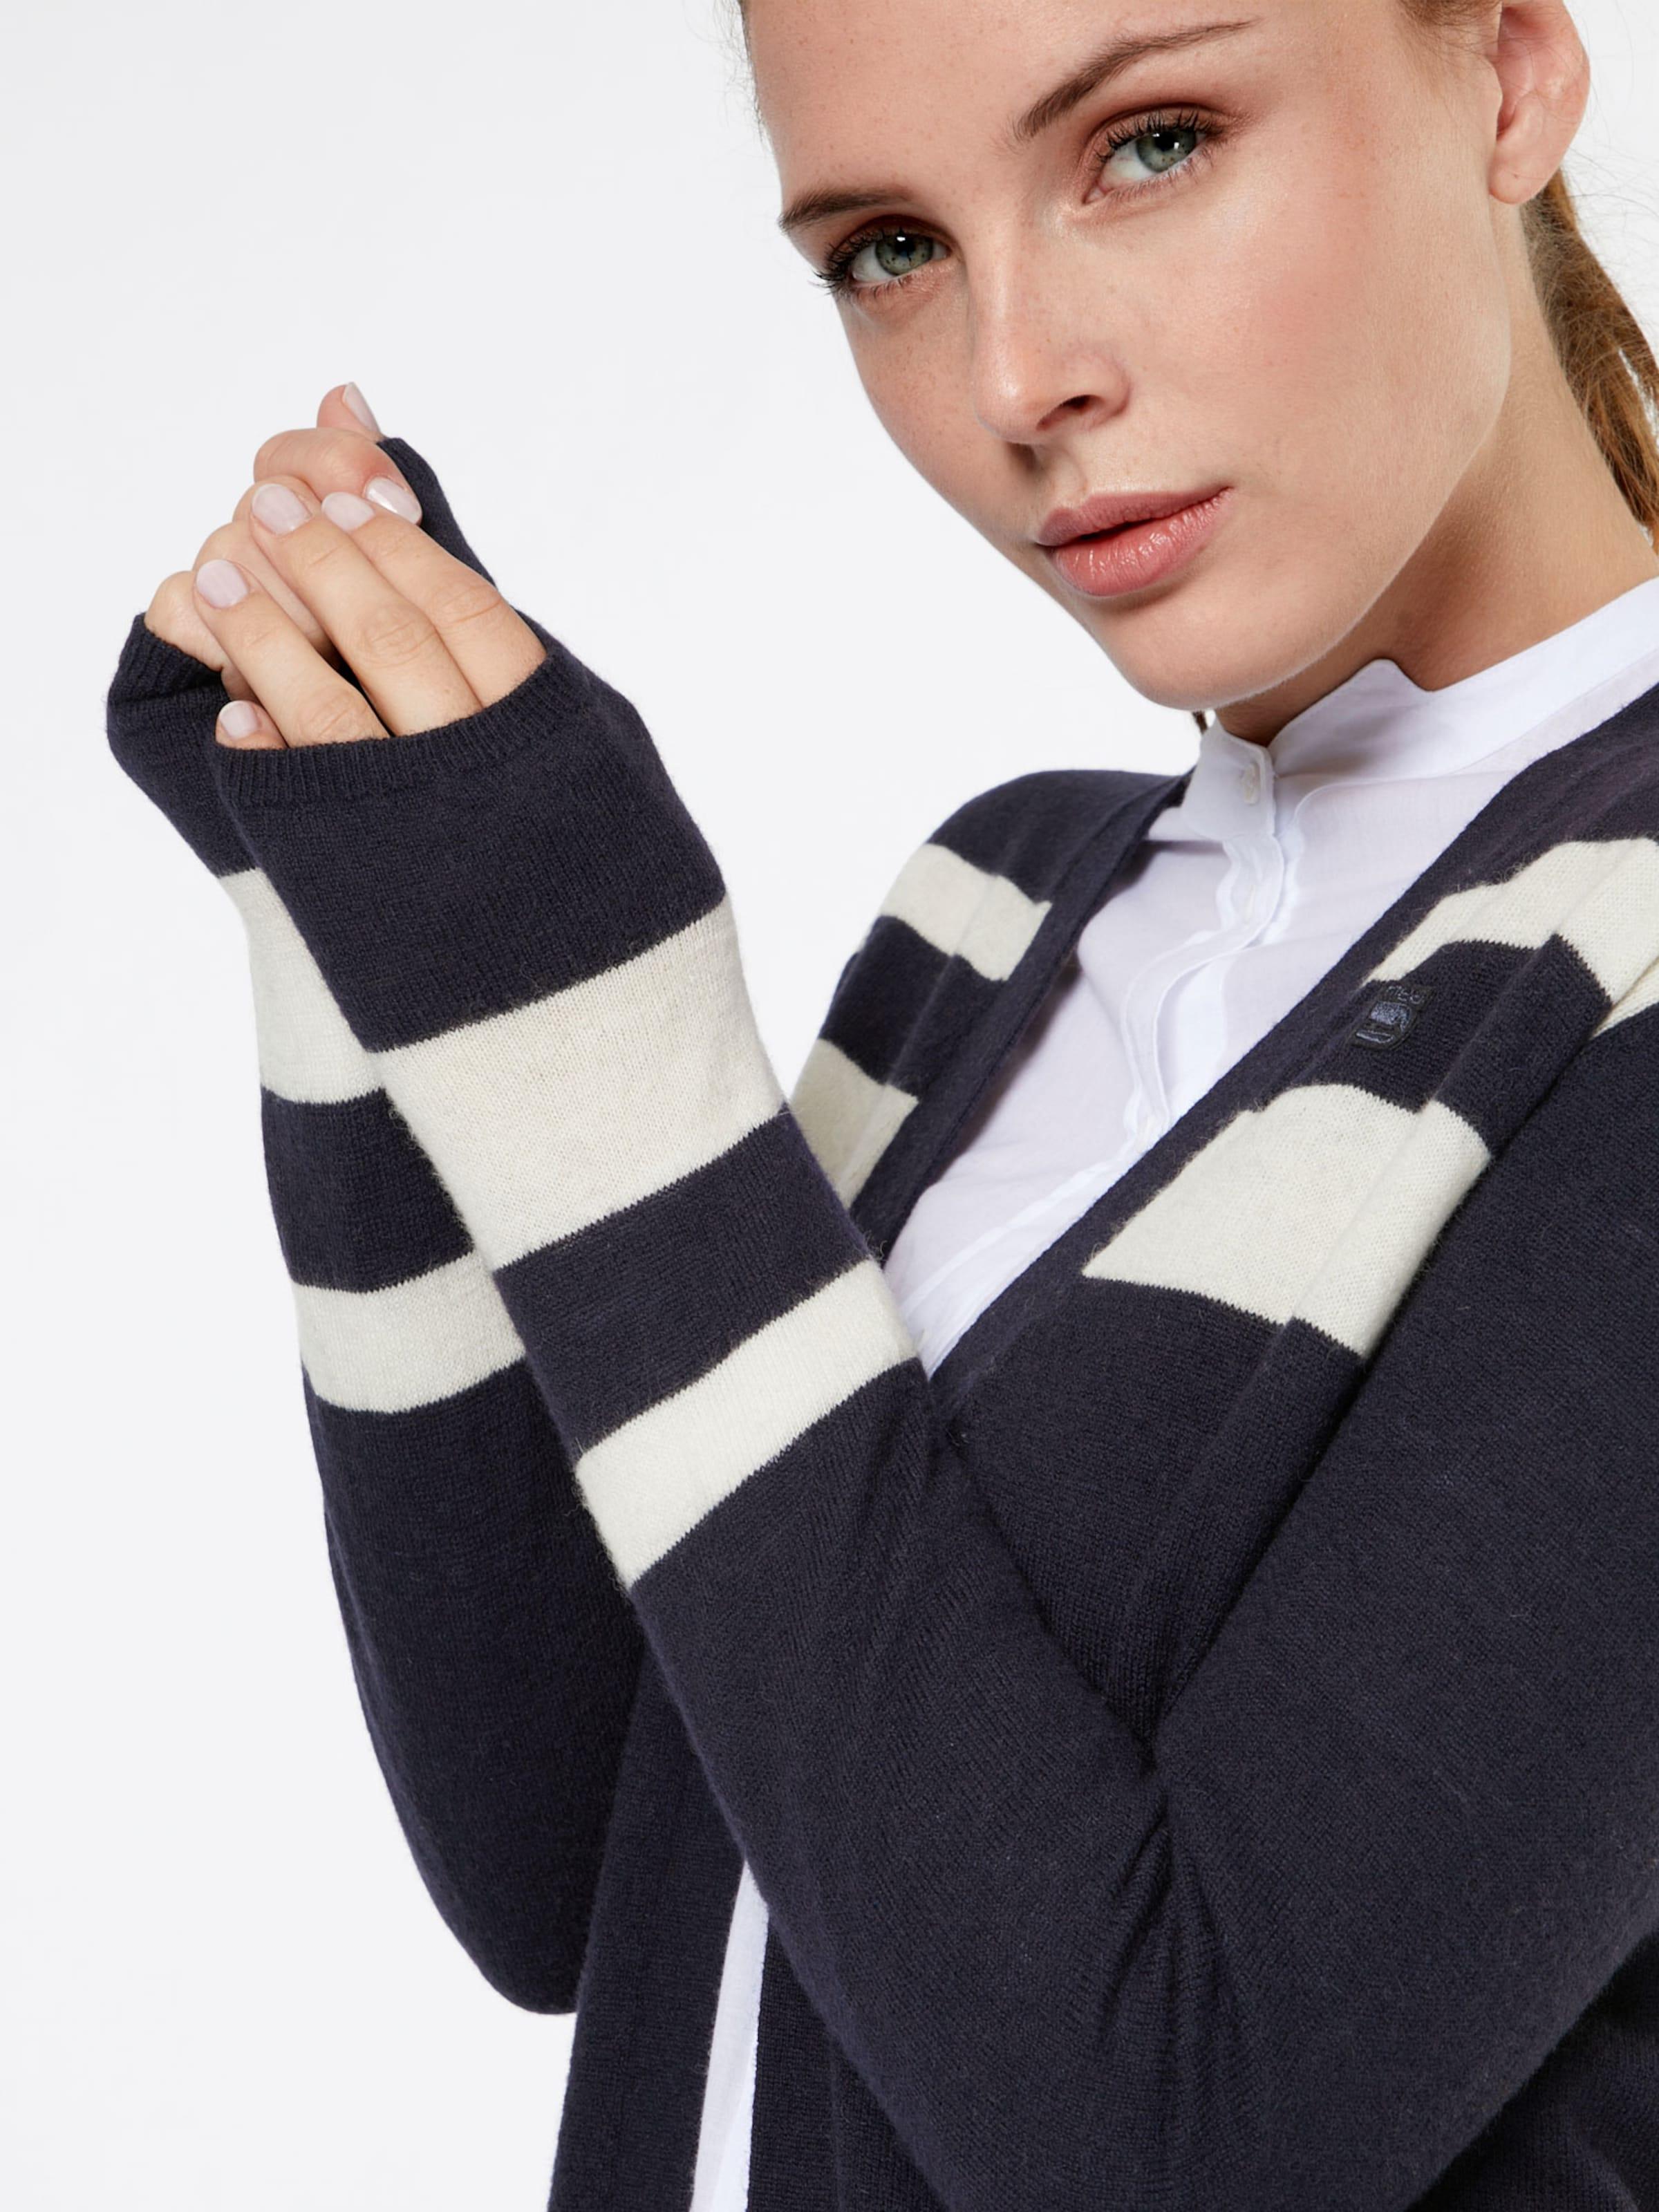 G-STAR RAW Cardigan 'Jaedd stripe' Marktfähig Günstiger Preis Billig Verkaufen Pick Eine Beste Billig Verkauf 2018 Co3mVk